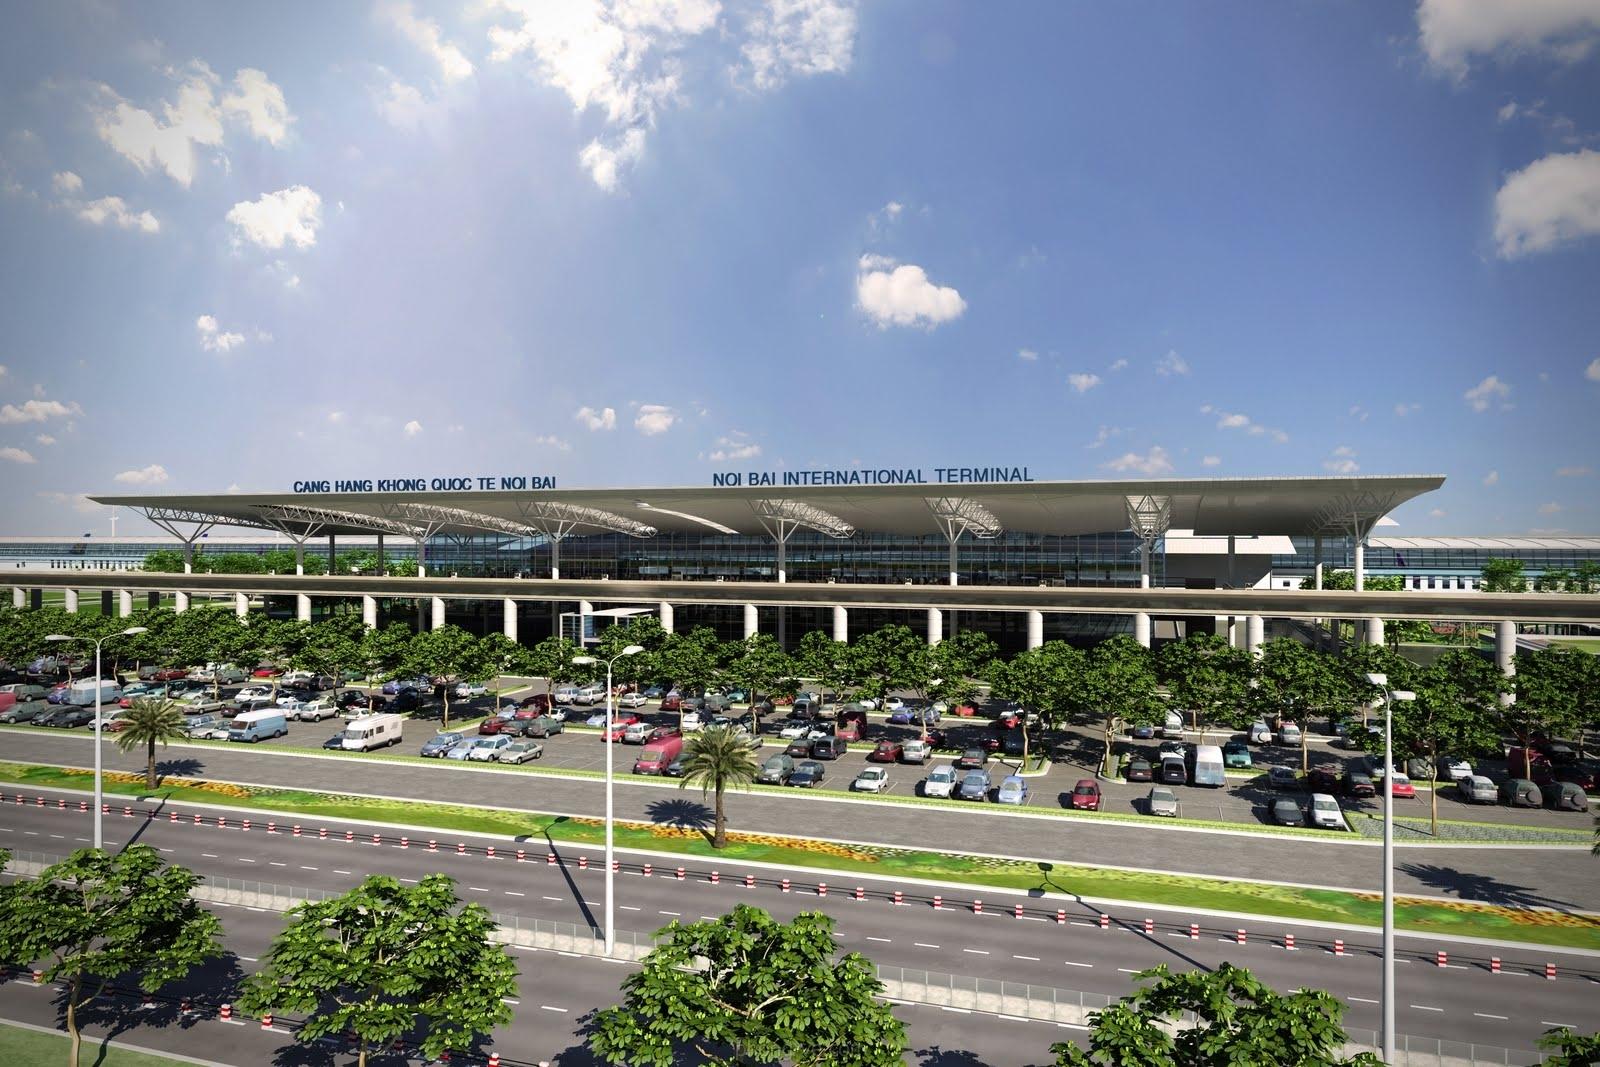 Hà Nội: Những bổ sung trong quy hoạch điều chỉnh Cảng hàng không quốc tế Nội Bài